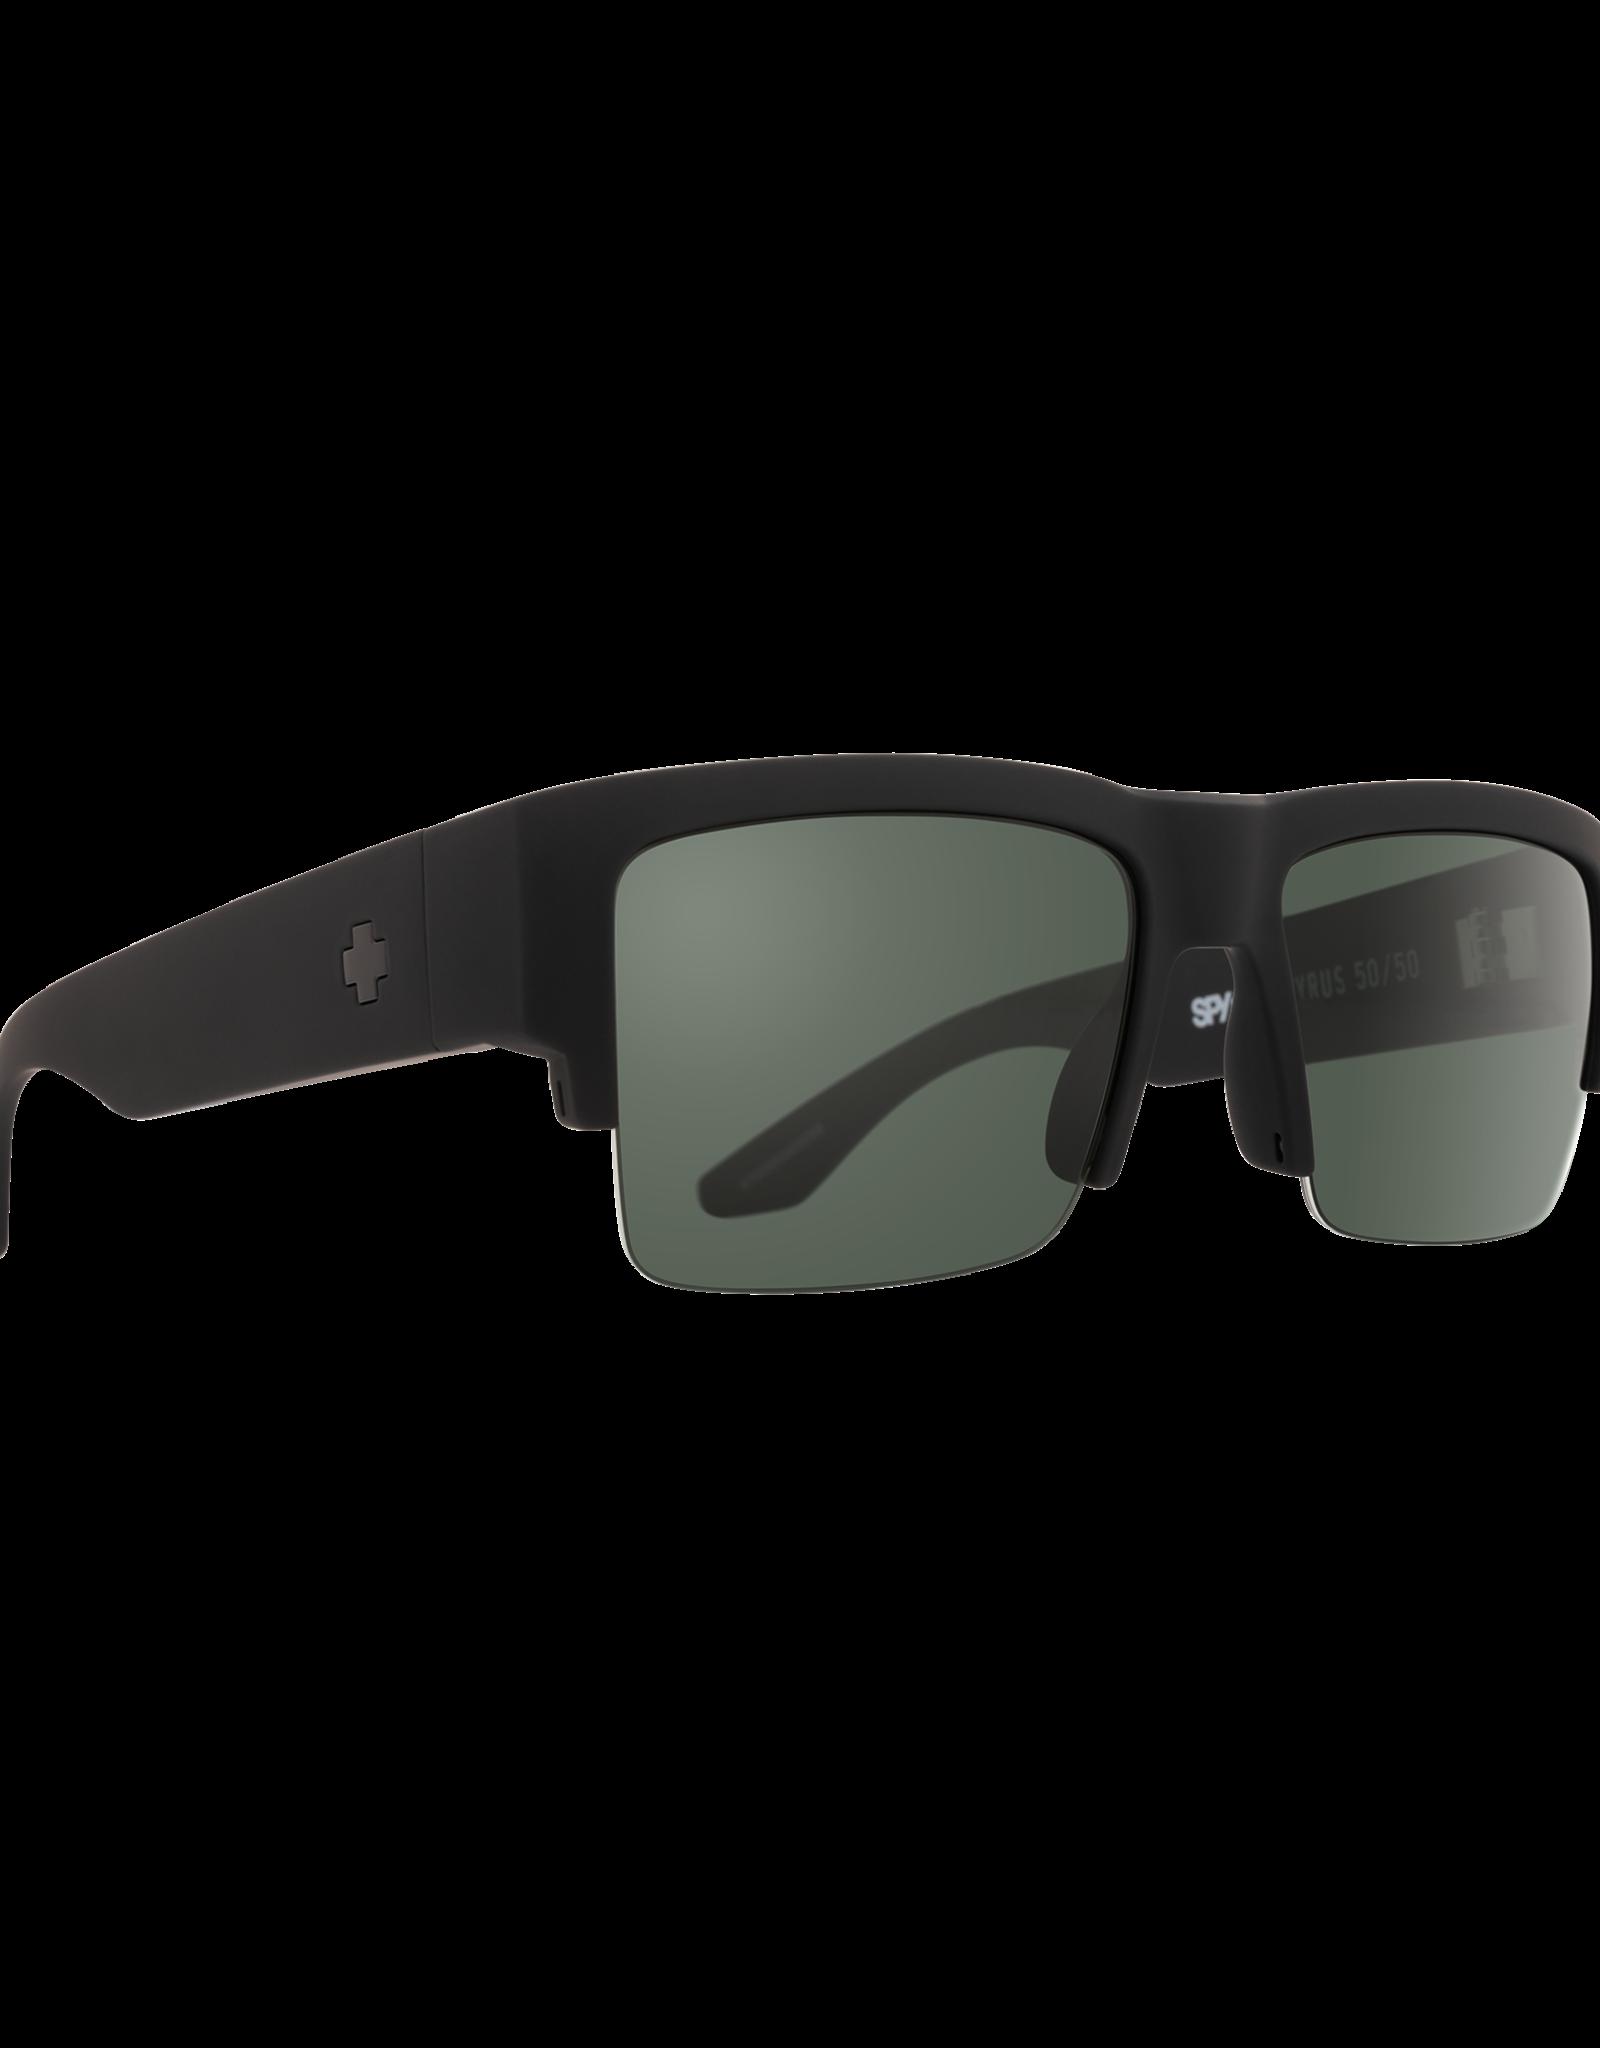 Spy Cyrus 5050 Soft Matte Black HD Plus Gray Green Polar